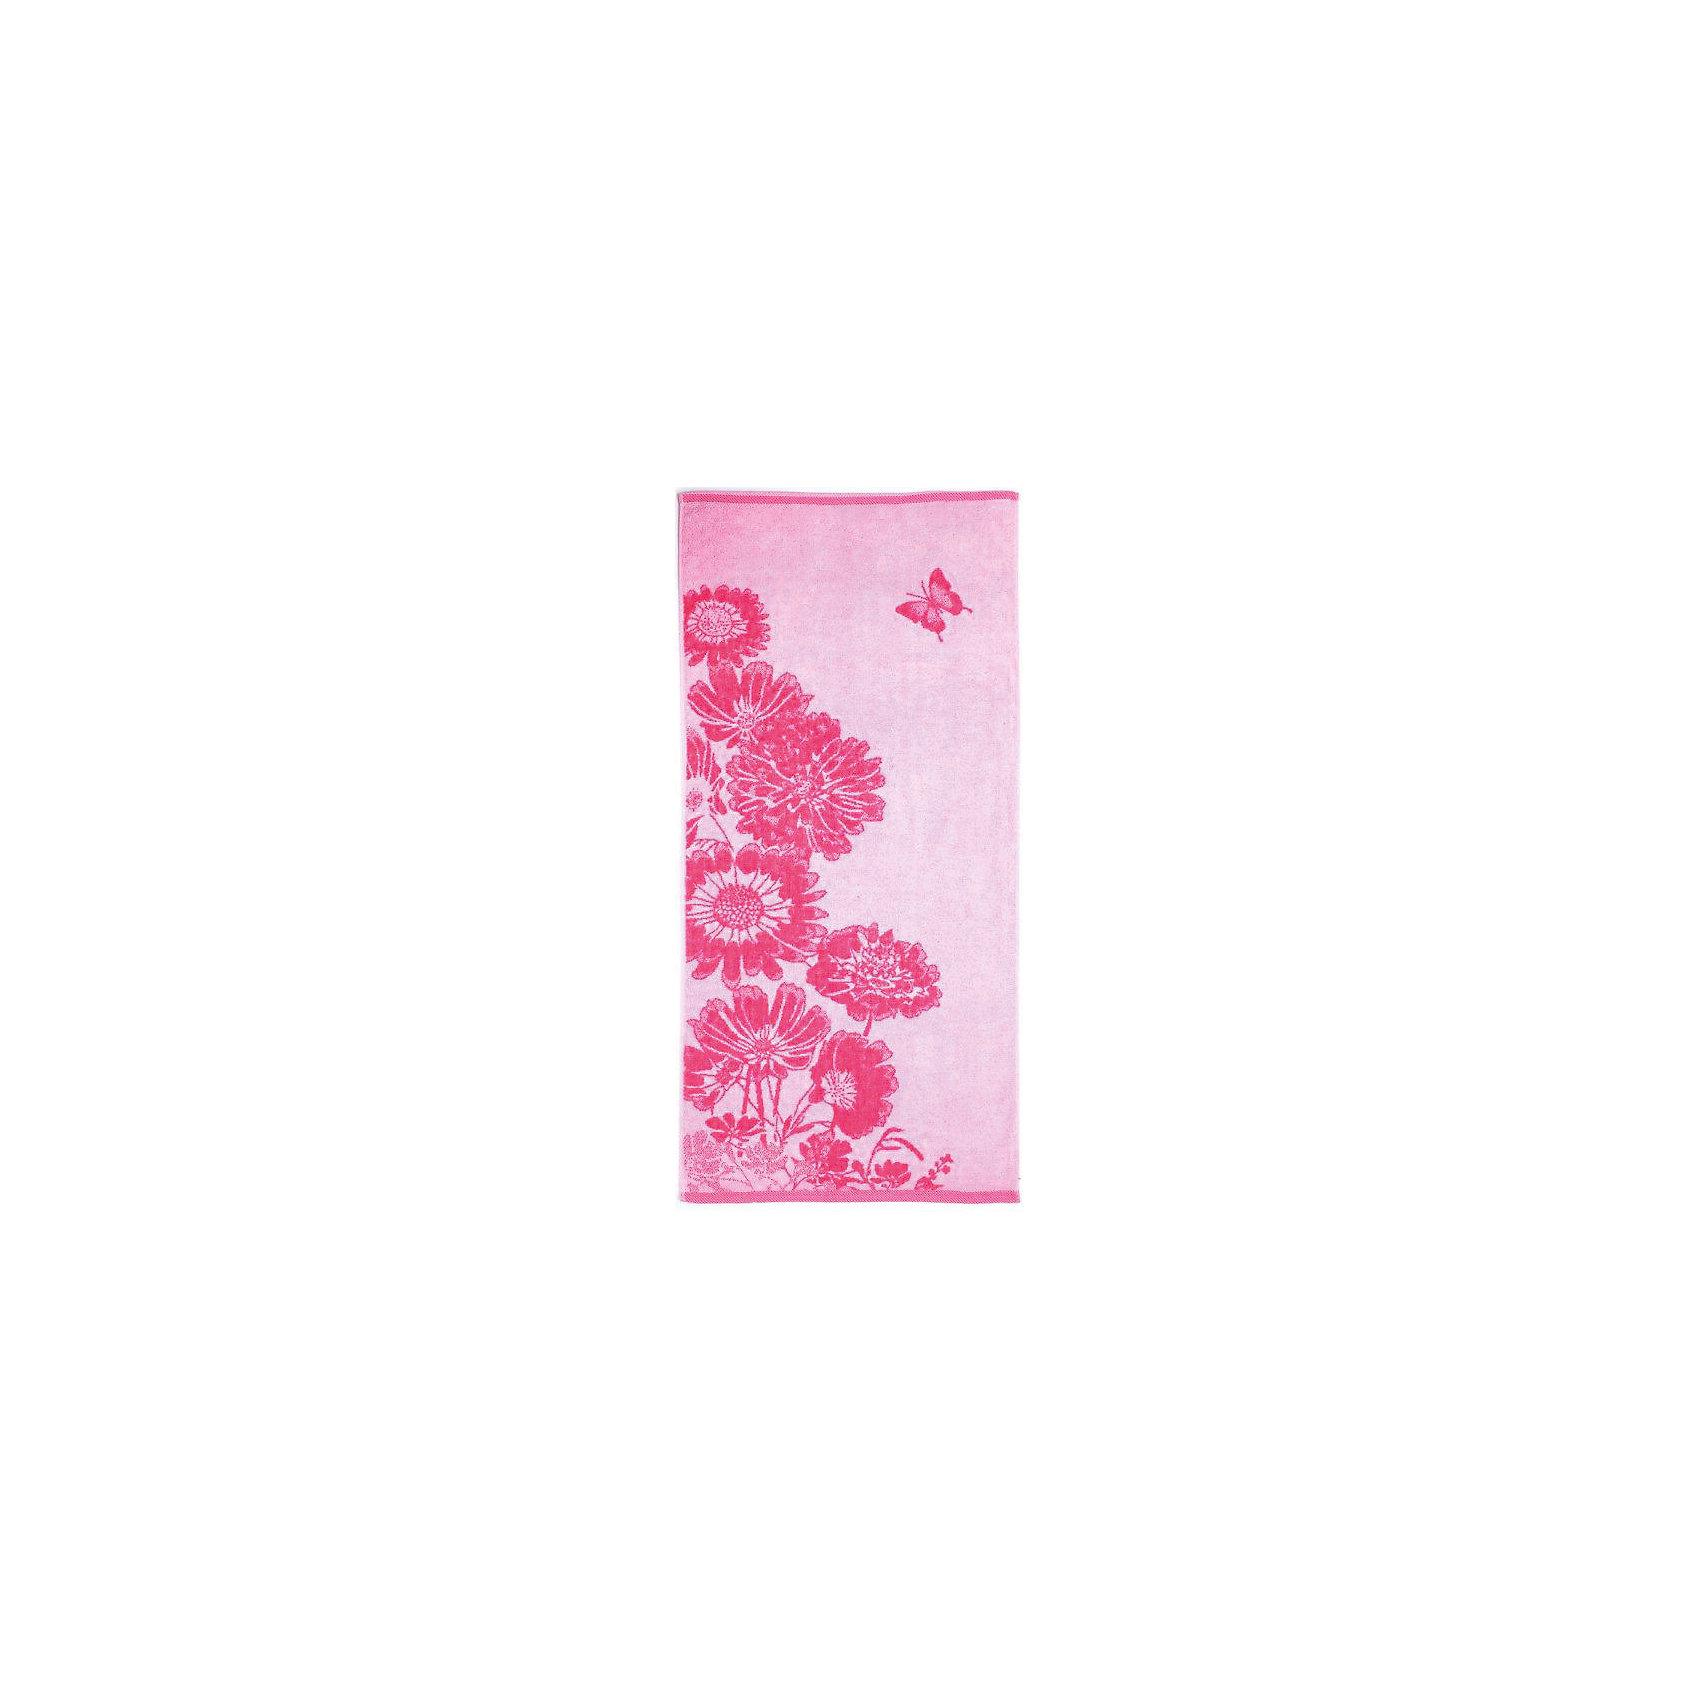 Полотенце махровое Цветник 60*130, Любимый дом, розовыйМахровое полотенце Цветник подарит вам необычайную мягкость после водных процедур. Полотенце изготовлено из качественного хлопка, поэтому оно хорошо впитывает влагу, приятно на ощупь и сохраняет свои качества после многих стирок. Красивая вышивка с цветами непременно понравится вам!<br><br>Дополнительная информация:<br>Материал: 100% хлопок<br>Цвет: розовый<br>Размер: 60х130 см<br>Торговая марка: Любимый дом<br><br>Вы можете приобрести махровое полотенце Цветник в нашем интернет-магазине.<br><br>Ширина мм: 500<br>Глубина мм: 500<br>Высота мм: 200<br>Вес г: 300<br>Возраст от месяцев: 0<br>Возраст до месяцев: 144<br>Пол: Унисекс<br>Возраст: Детский<br>SKU: 5010976